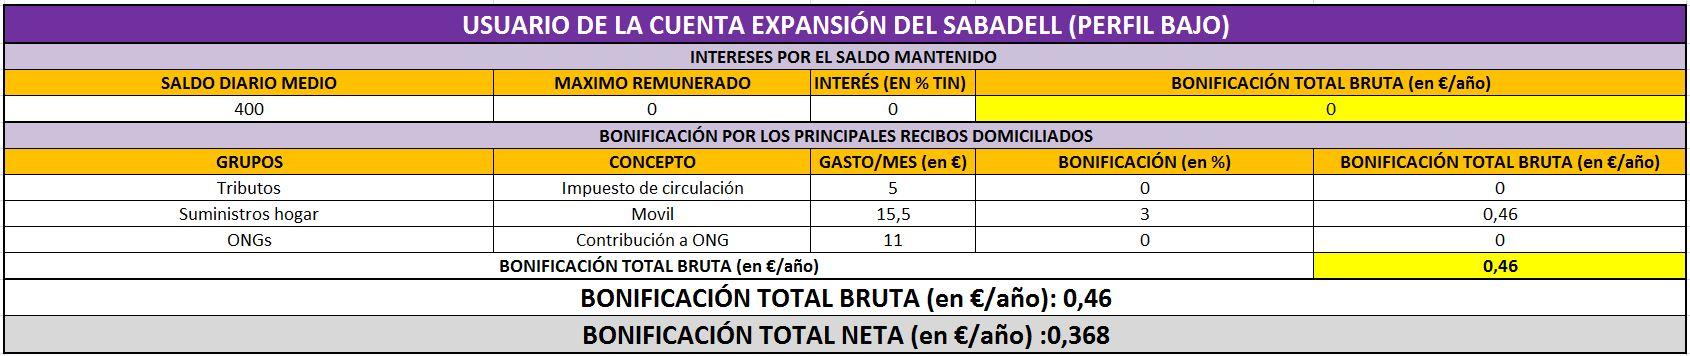 Sabadell%20perfil%20bajo